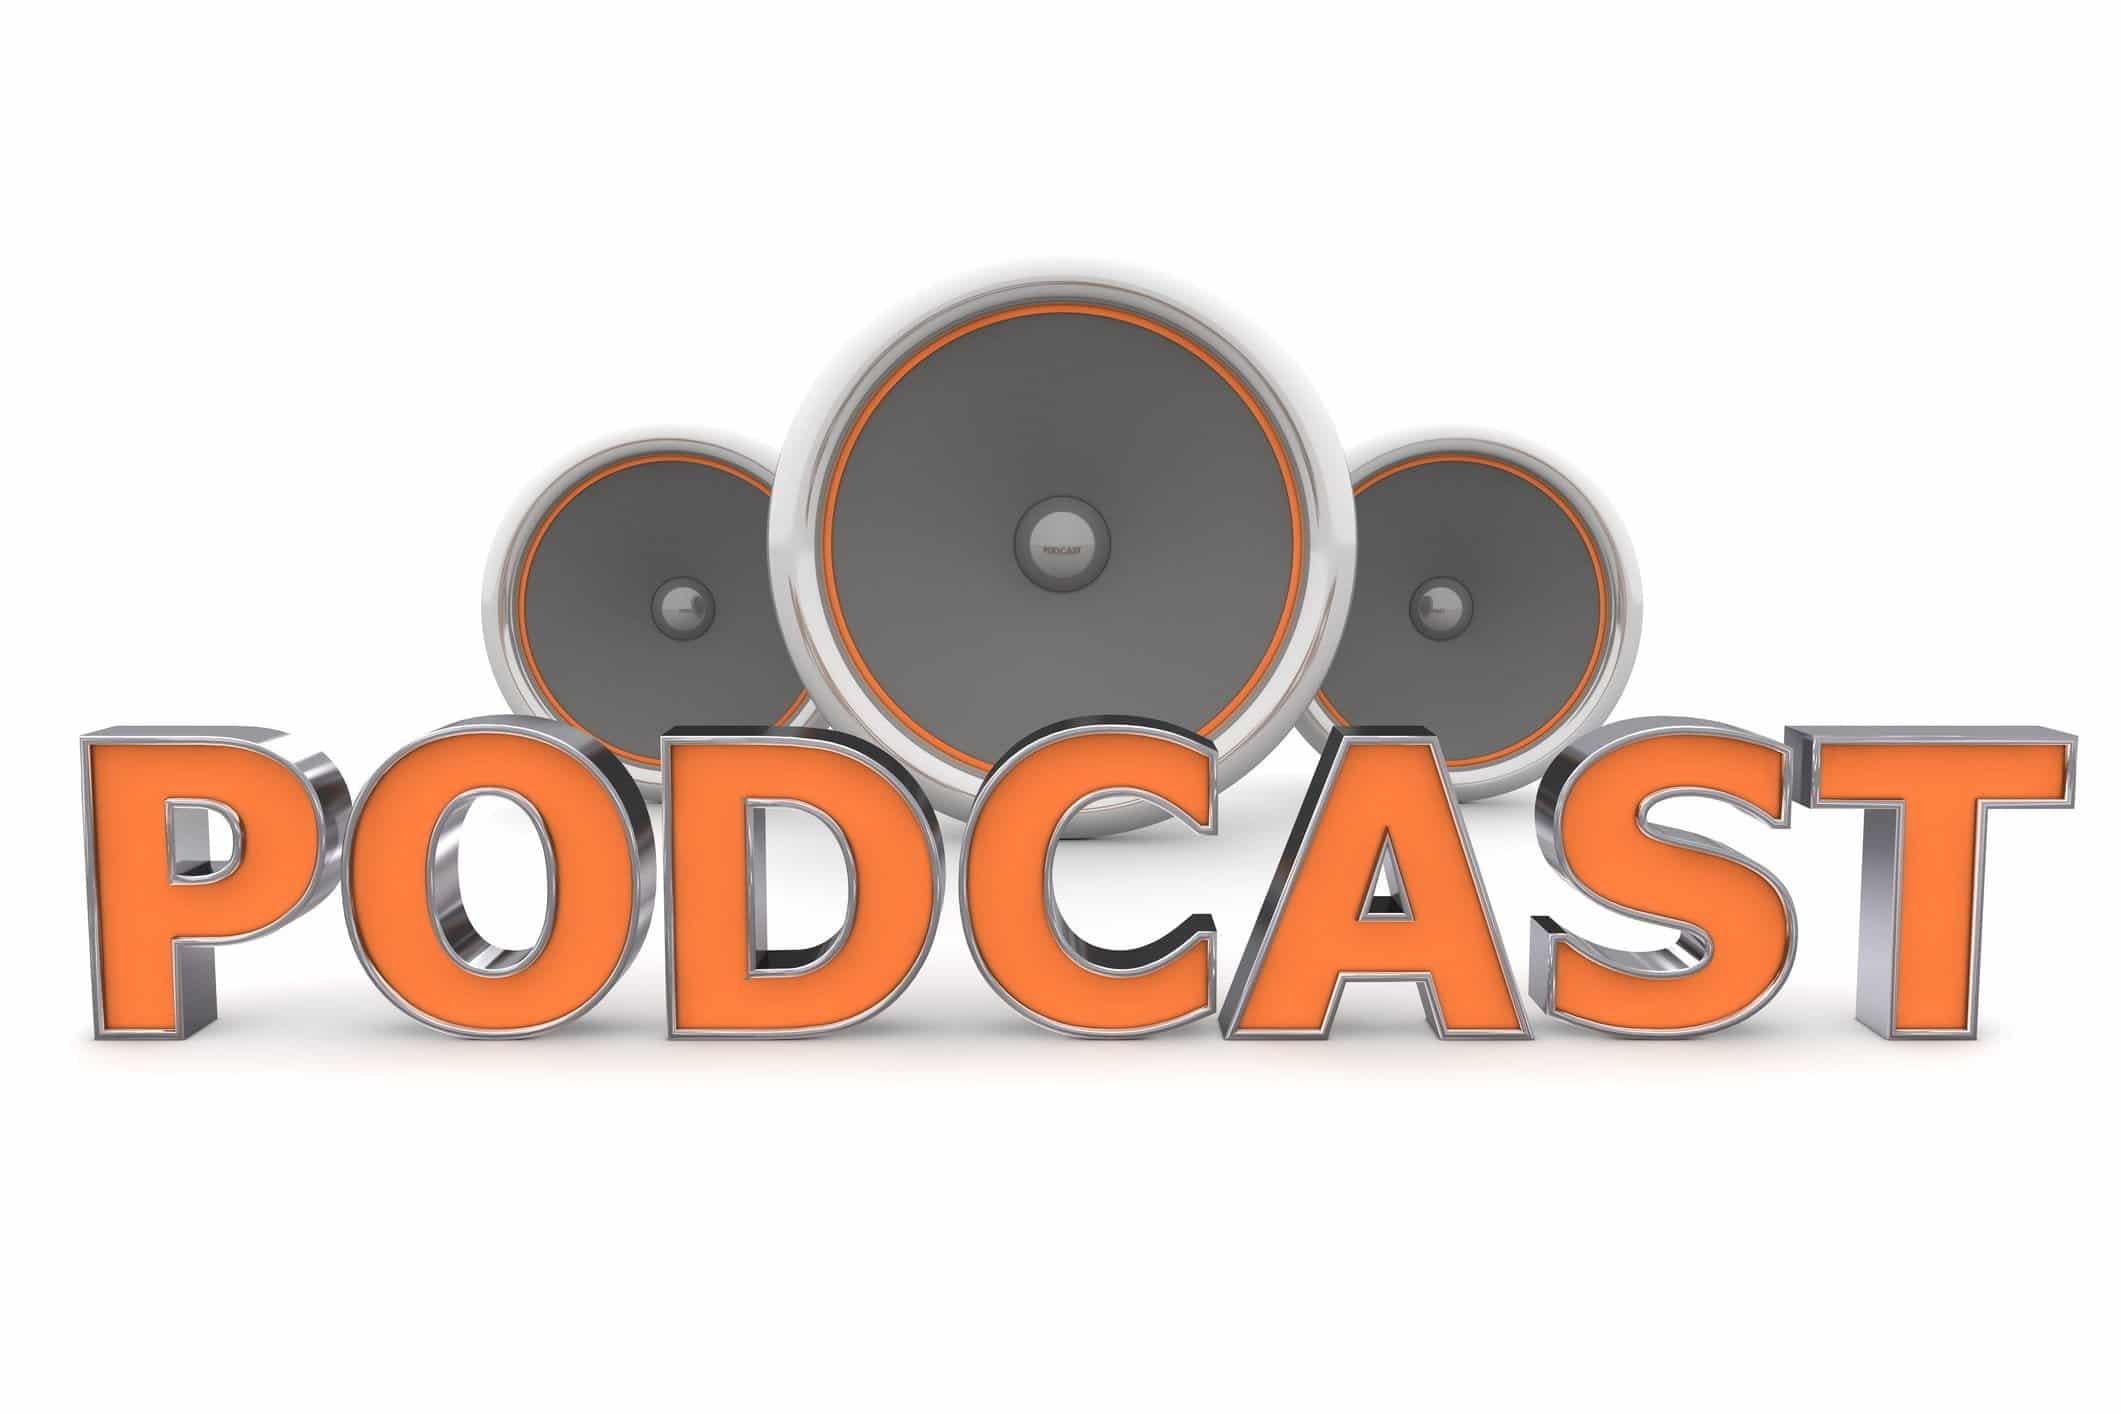 Descubre el mundo de los podcasts con estas recomendaciones